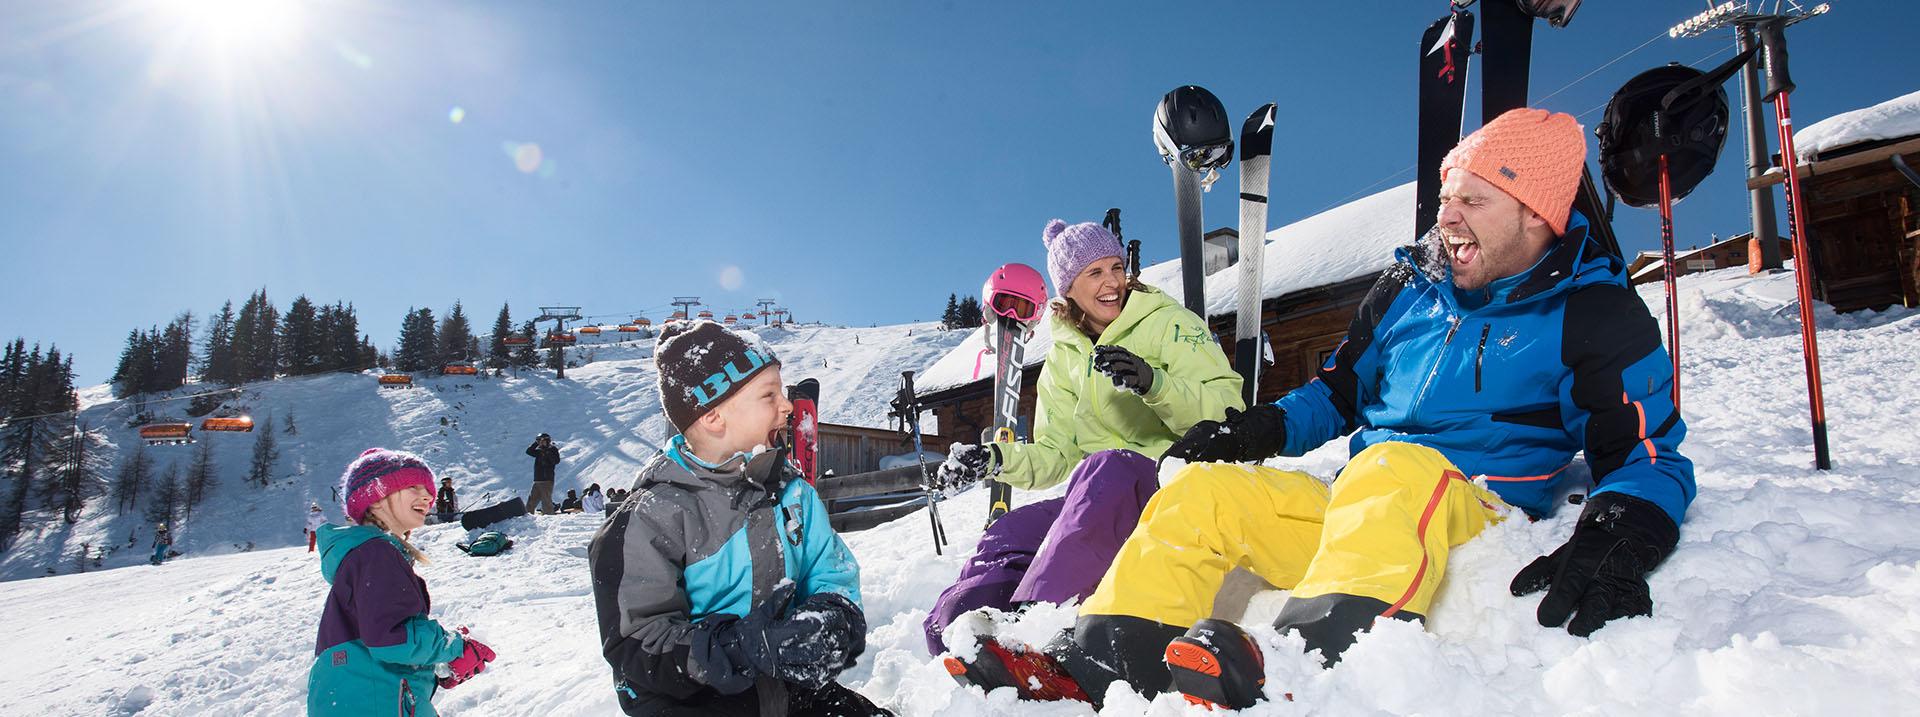 Ferienwohnung in Flachau - Haus Maier - Winterurlaub